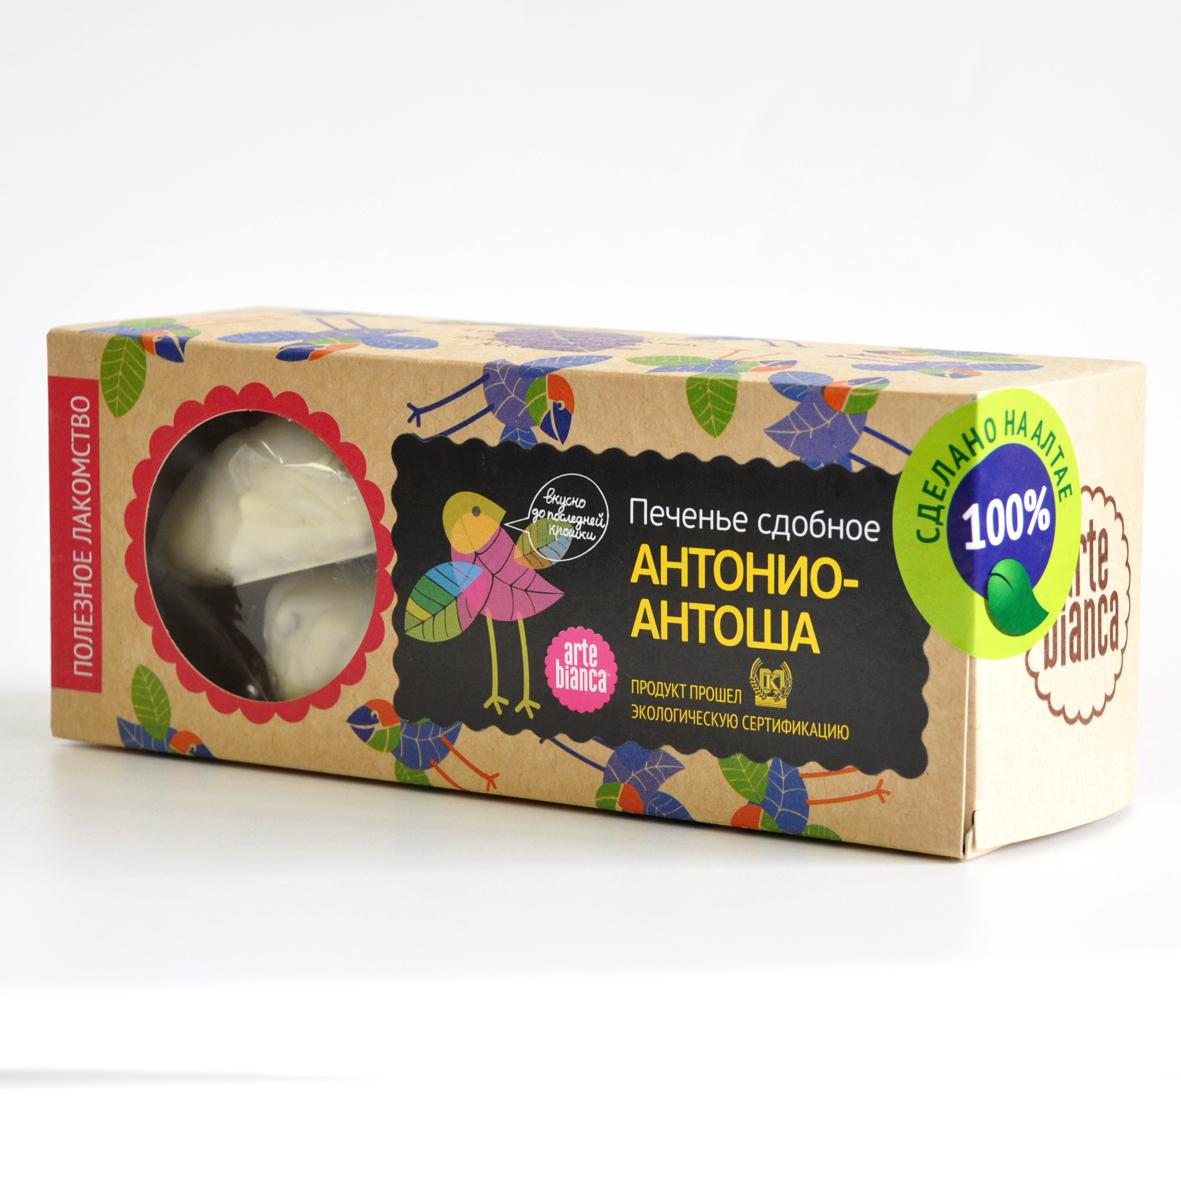 Печенье сдобное Антонио-Антоша Arte Bianca 350 гр